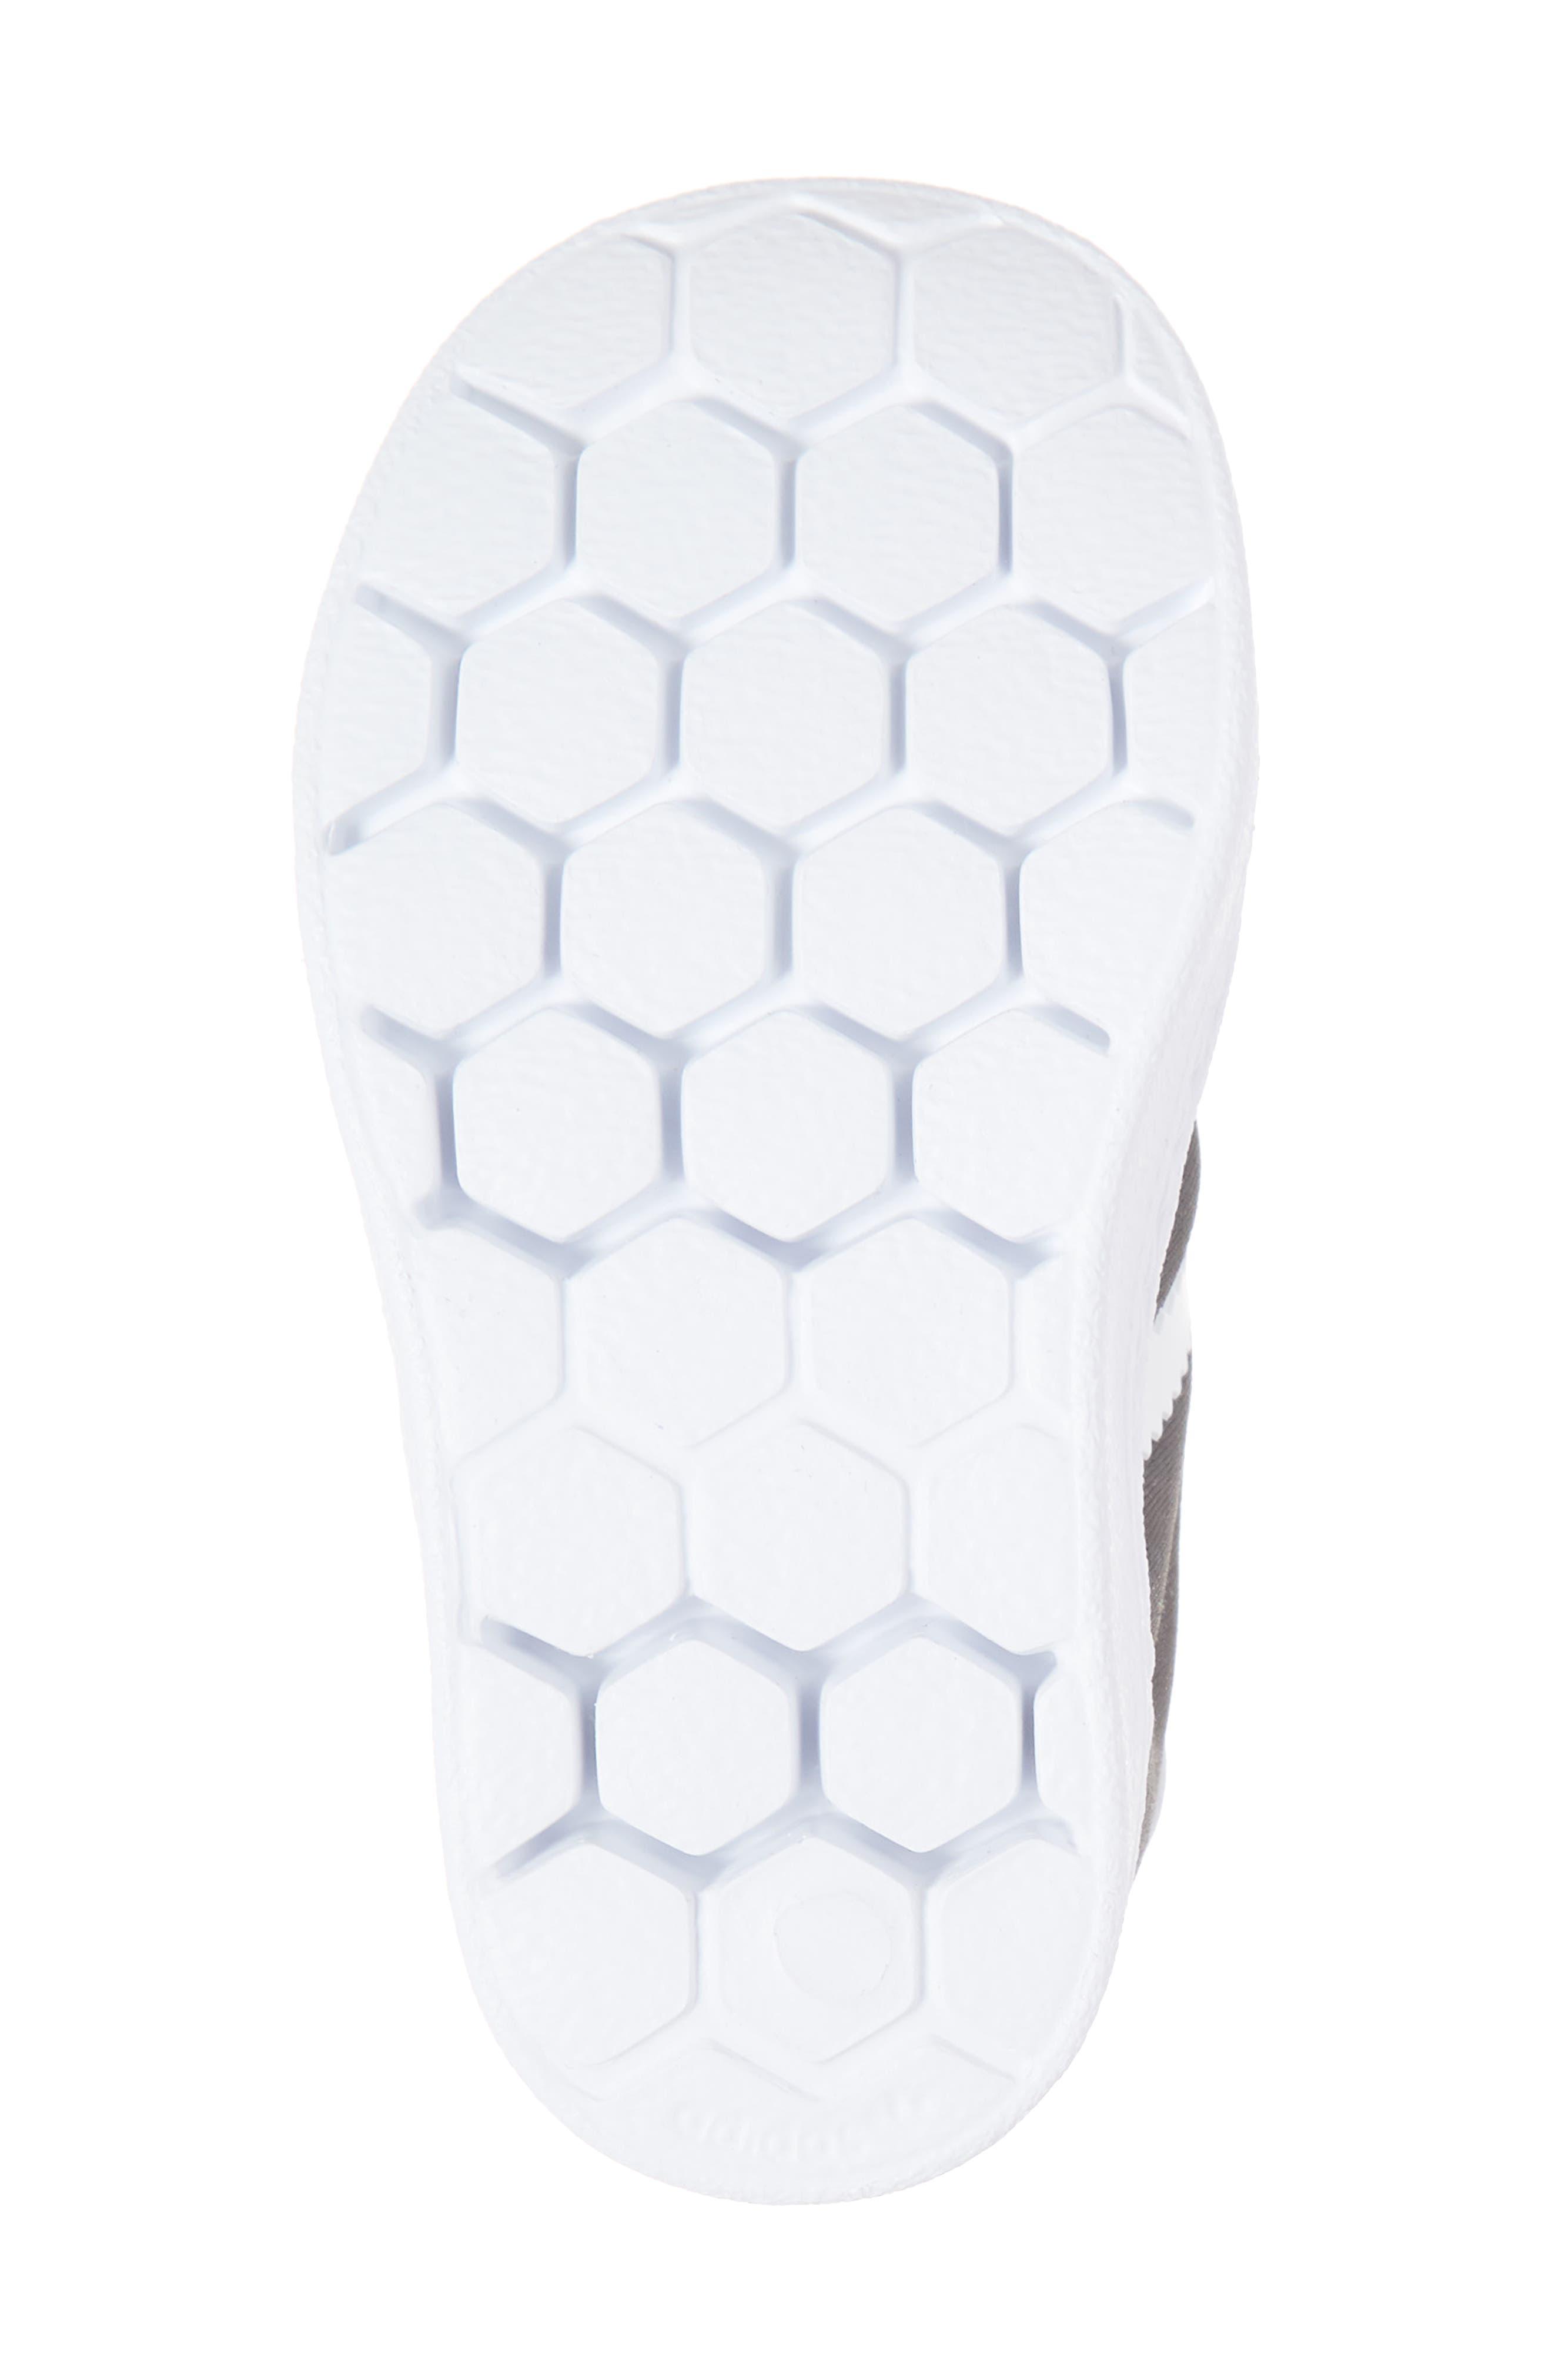 Superstar 360 I Sneaker,                             Alternate thumbnail 6, color,                             CORE BLACK/ WHITE/ GOLD MET